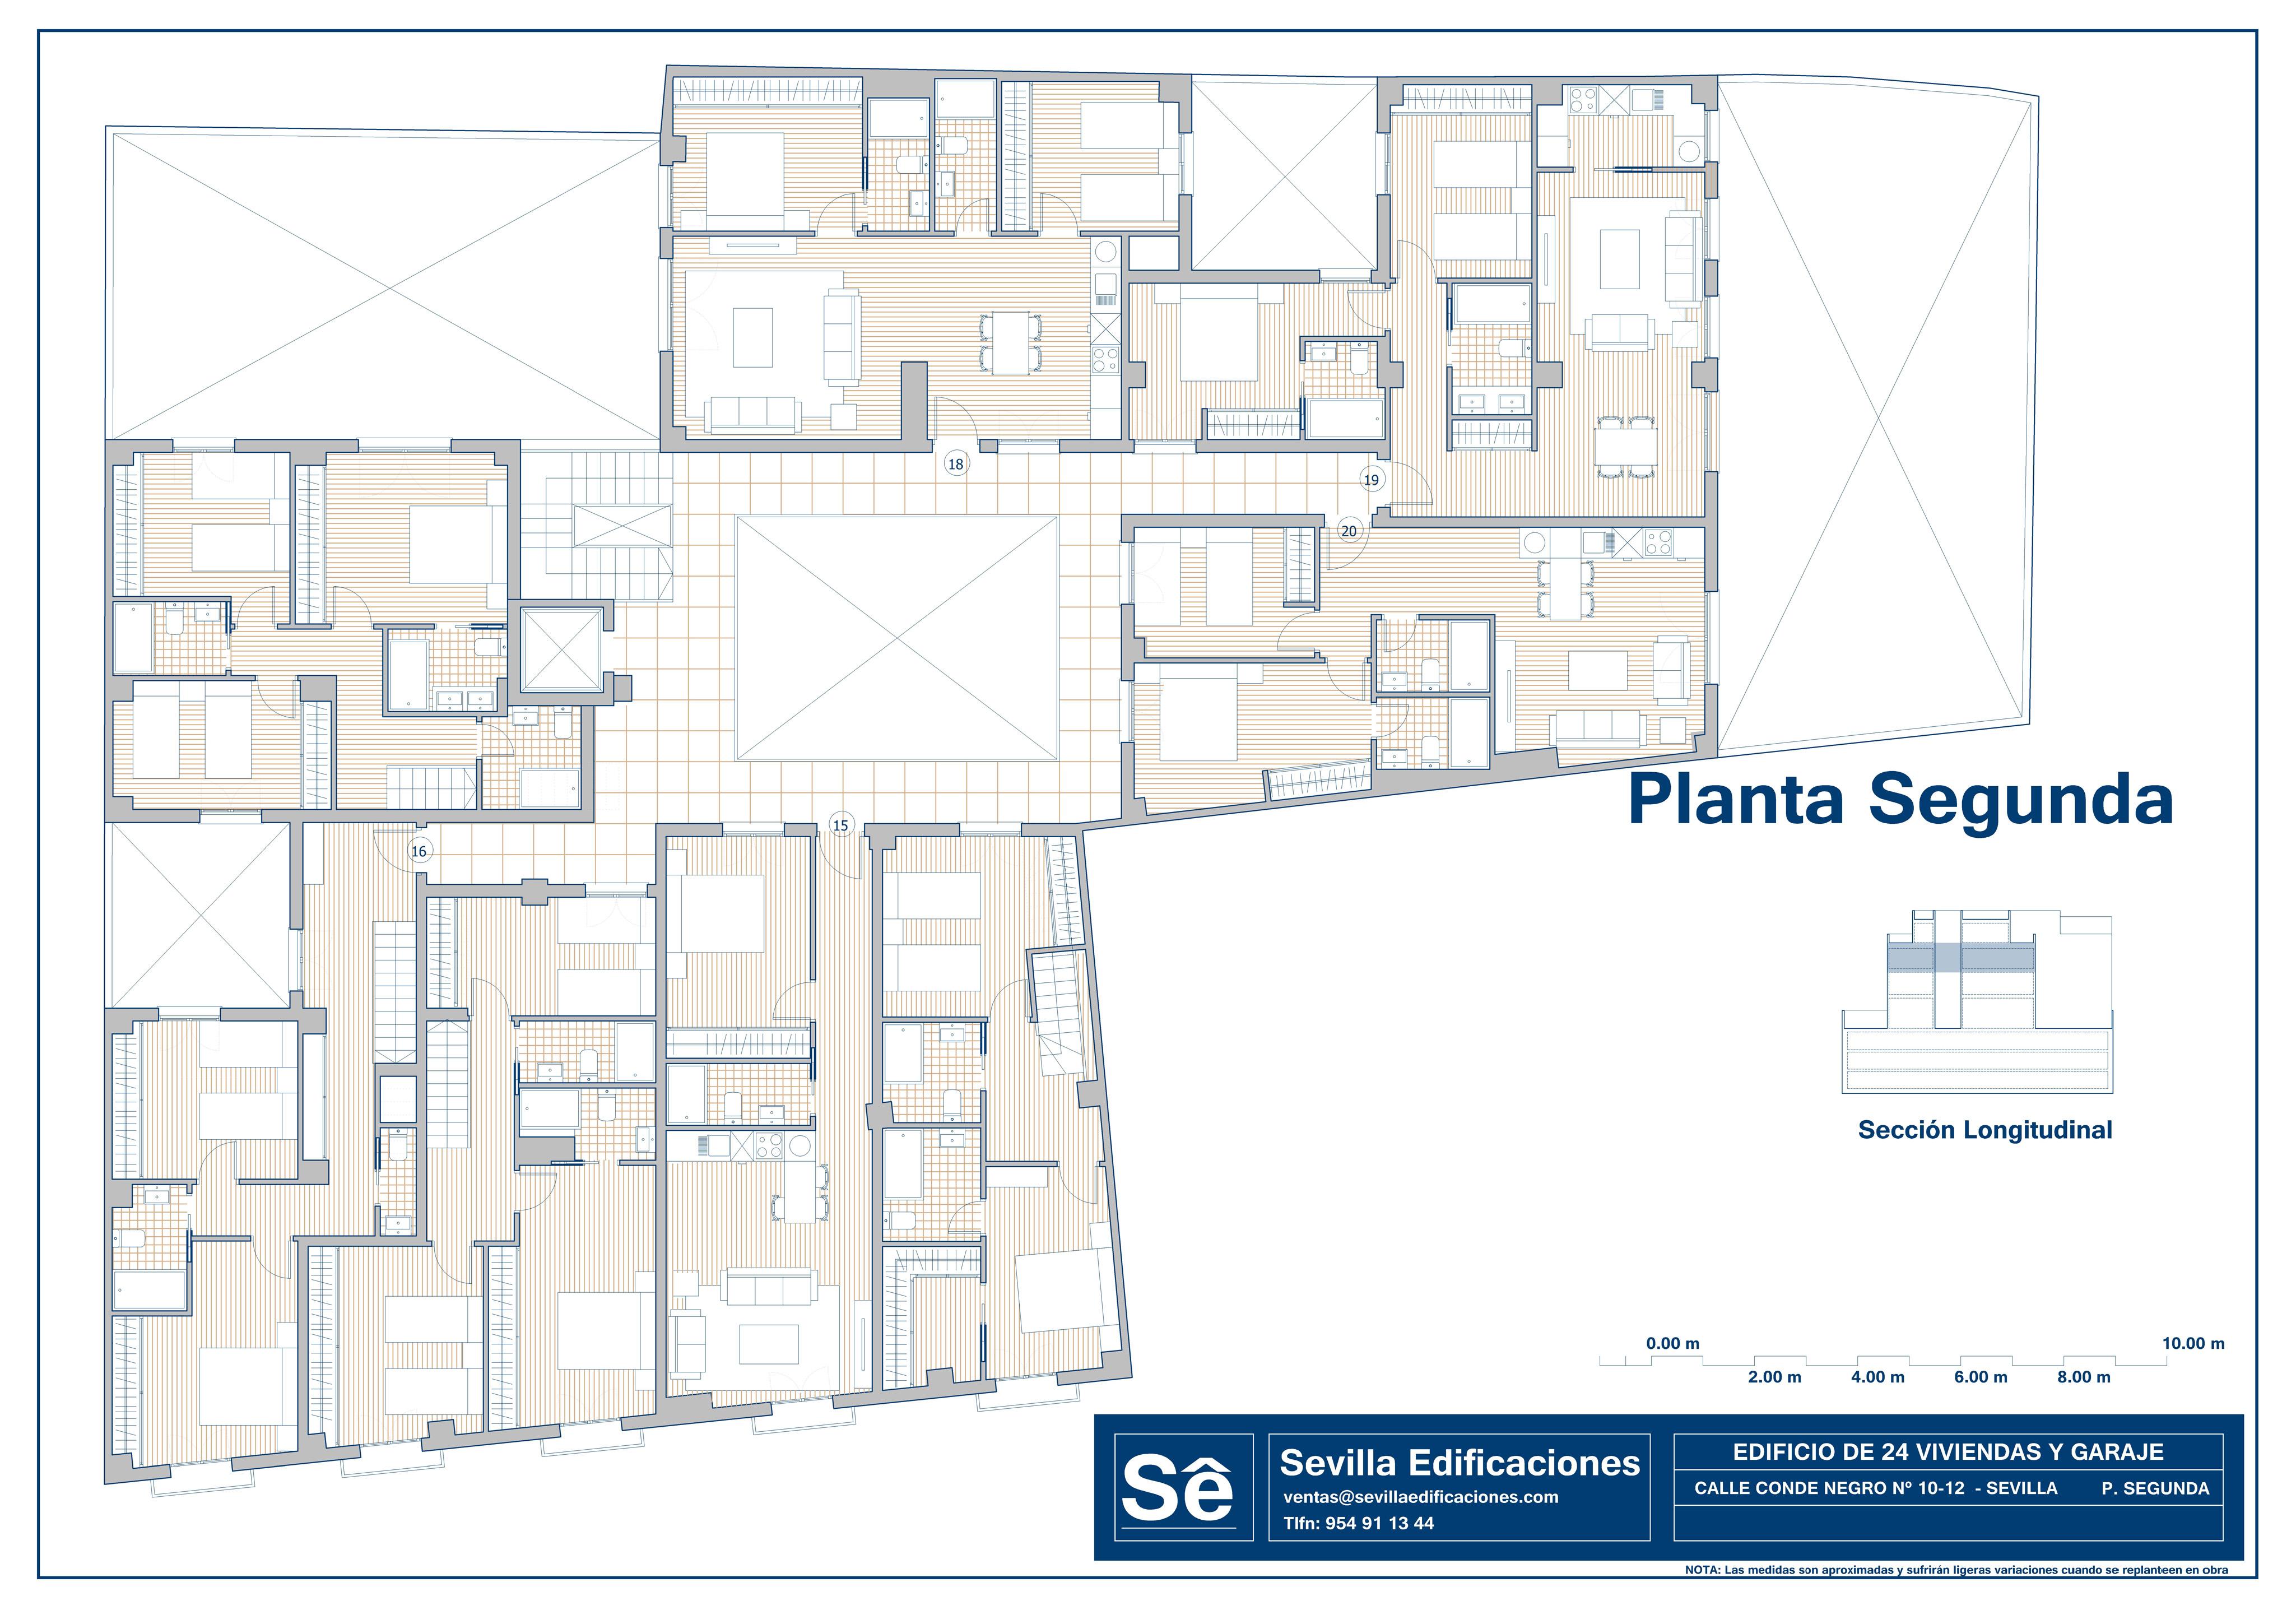 CONDENEGRO_PLANOS_GENERALES 06 PLANTA SEGUNDA